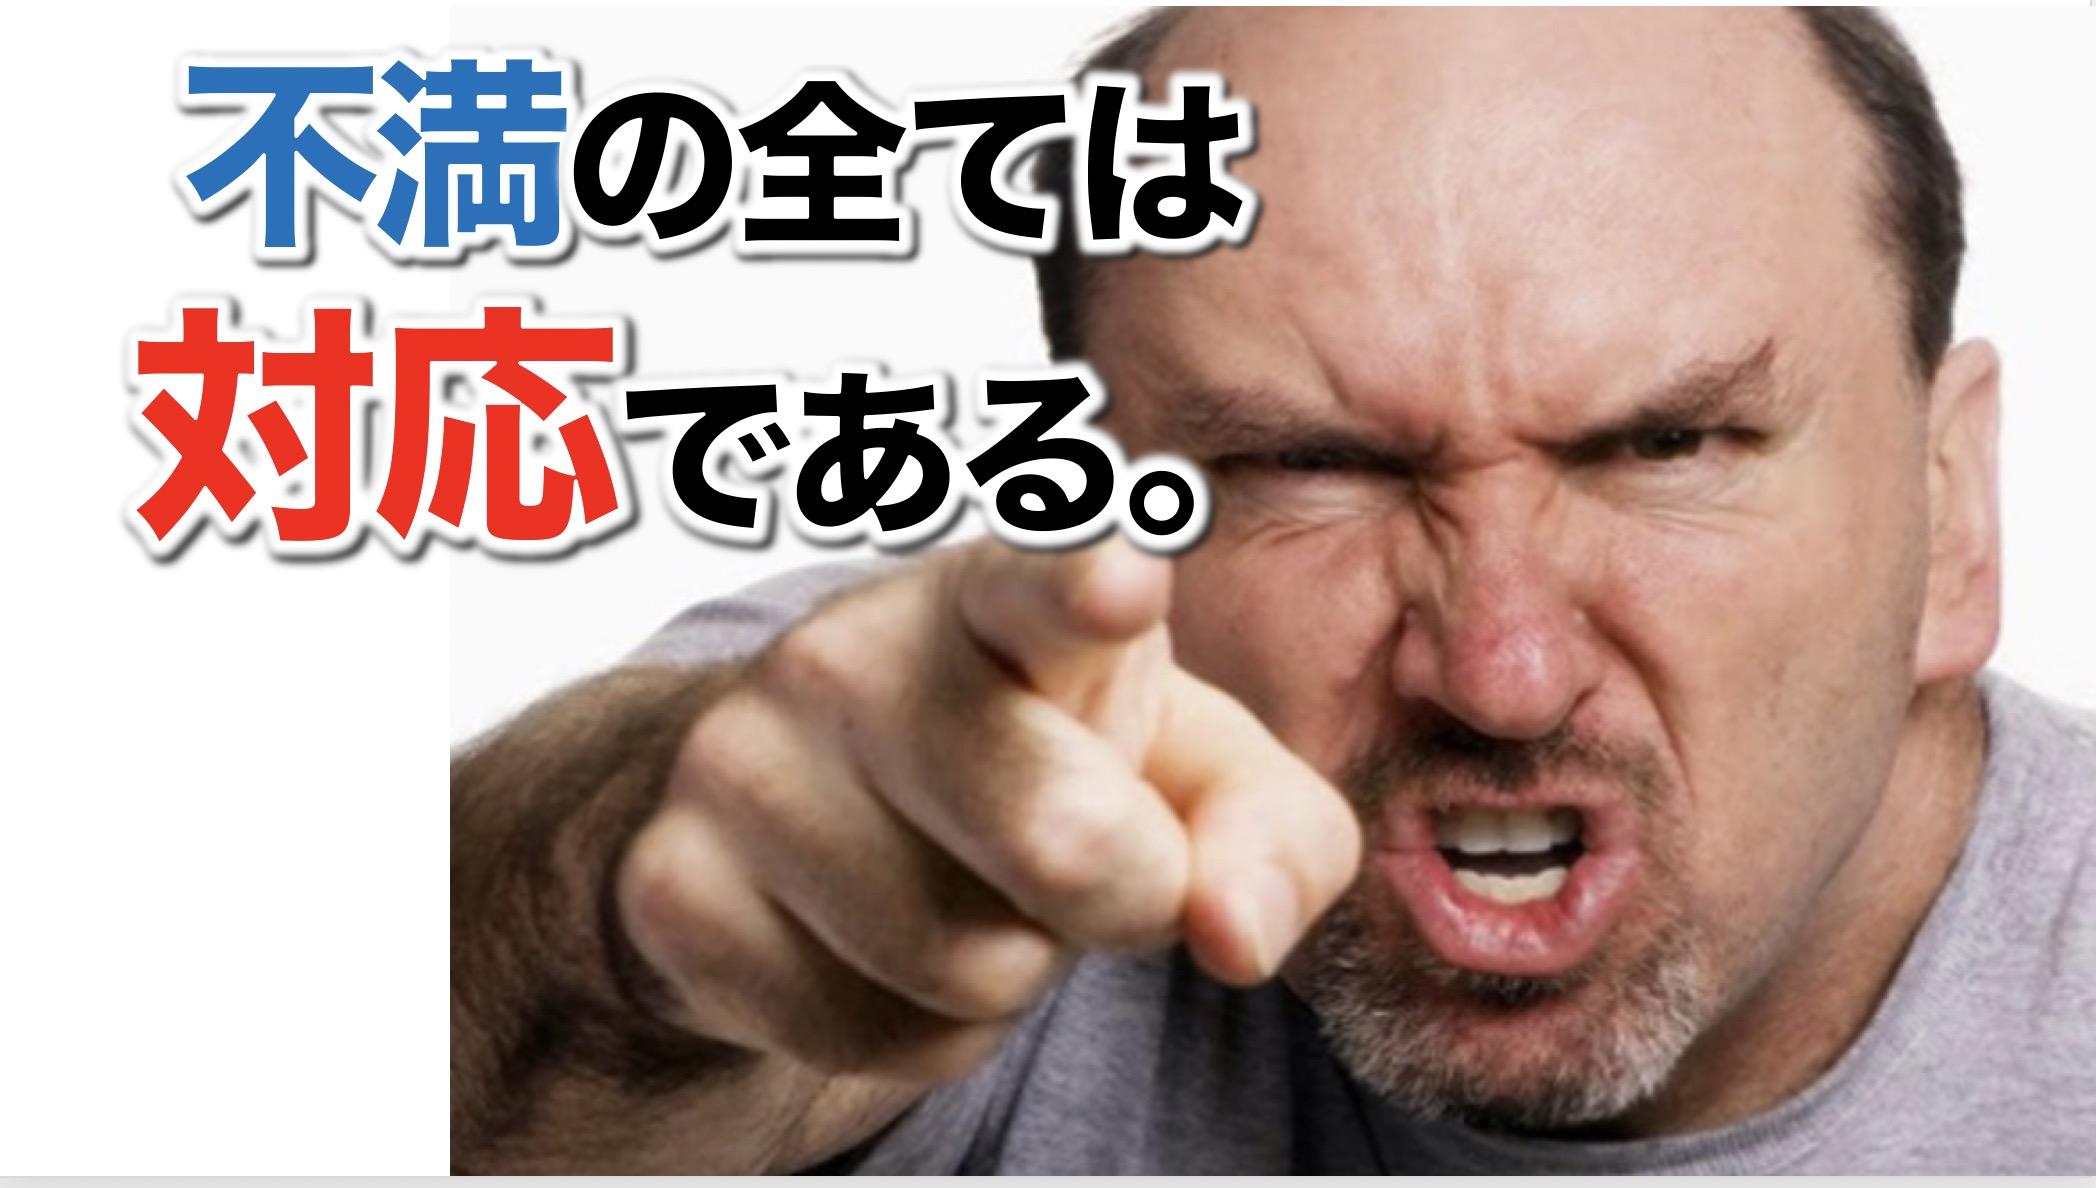 ◆クレームで不満を感じる一番の原因はOOである。